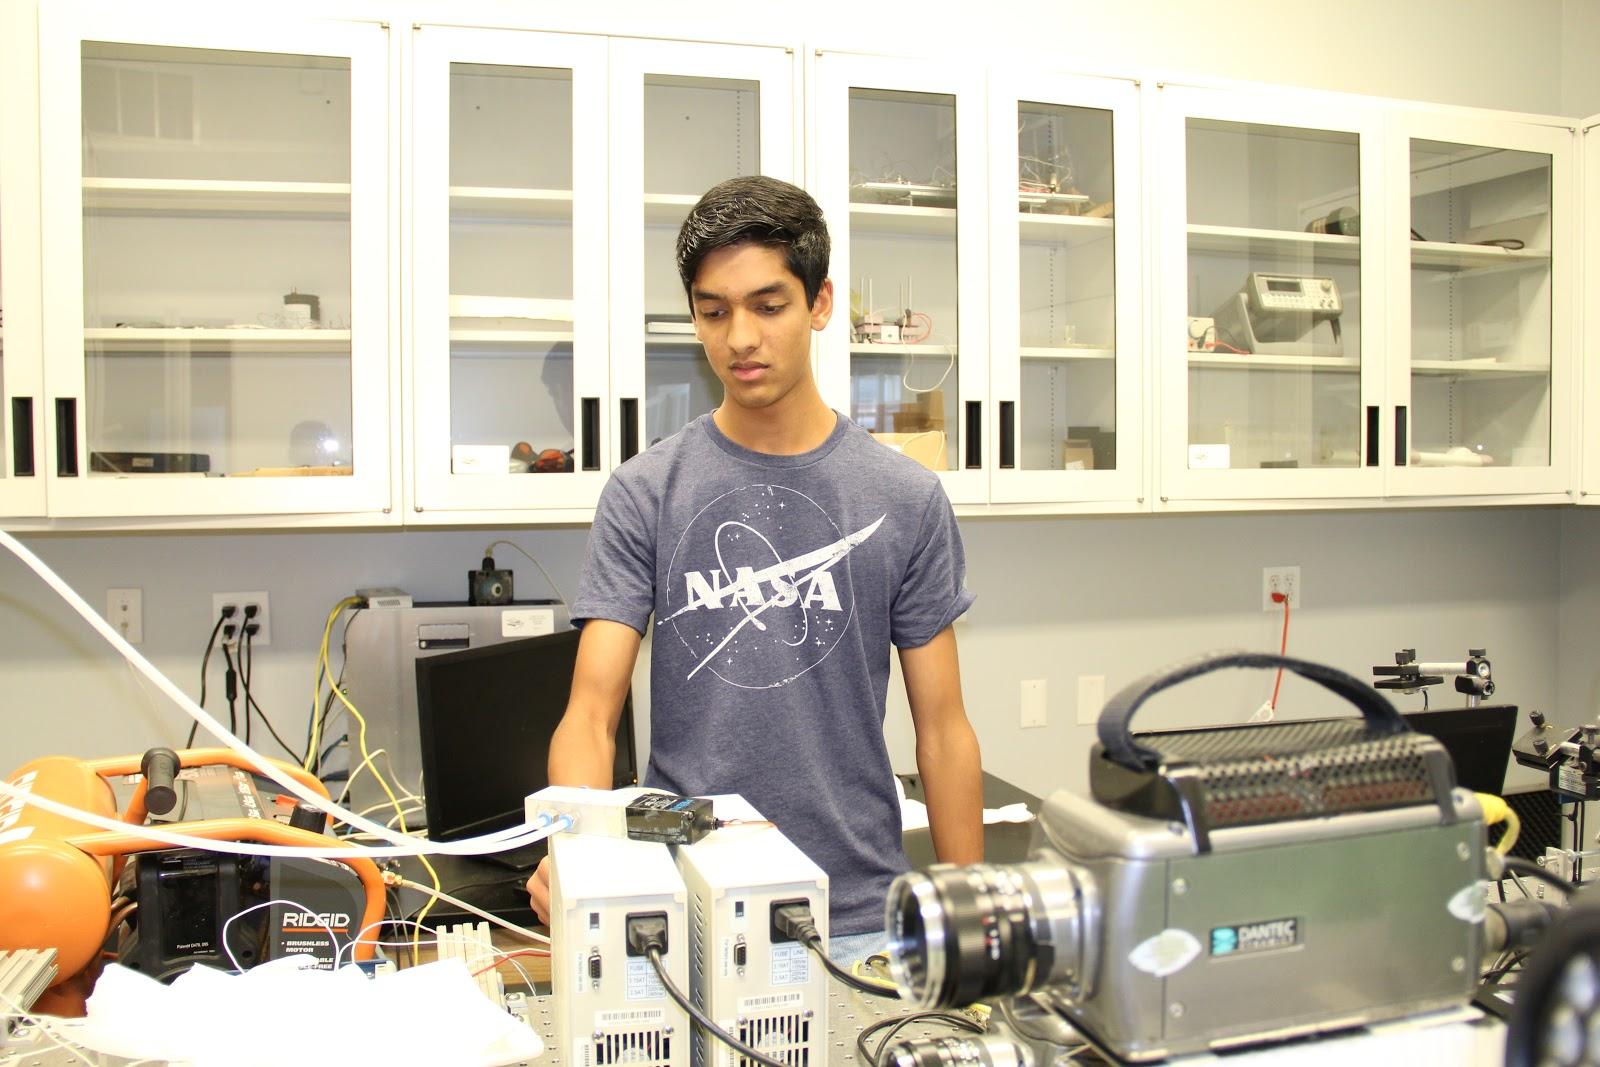 Pranav Garg